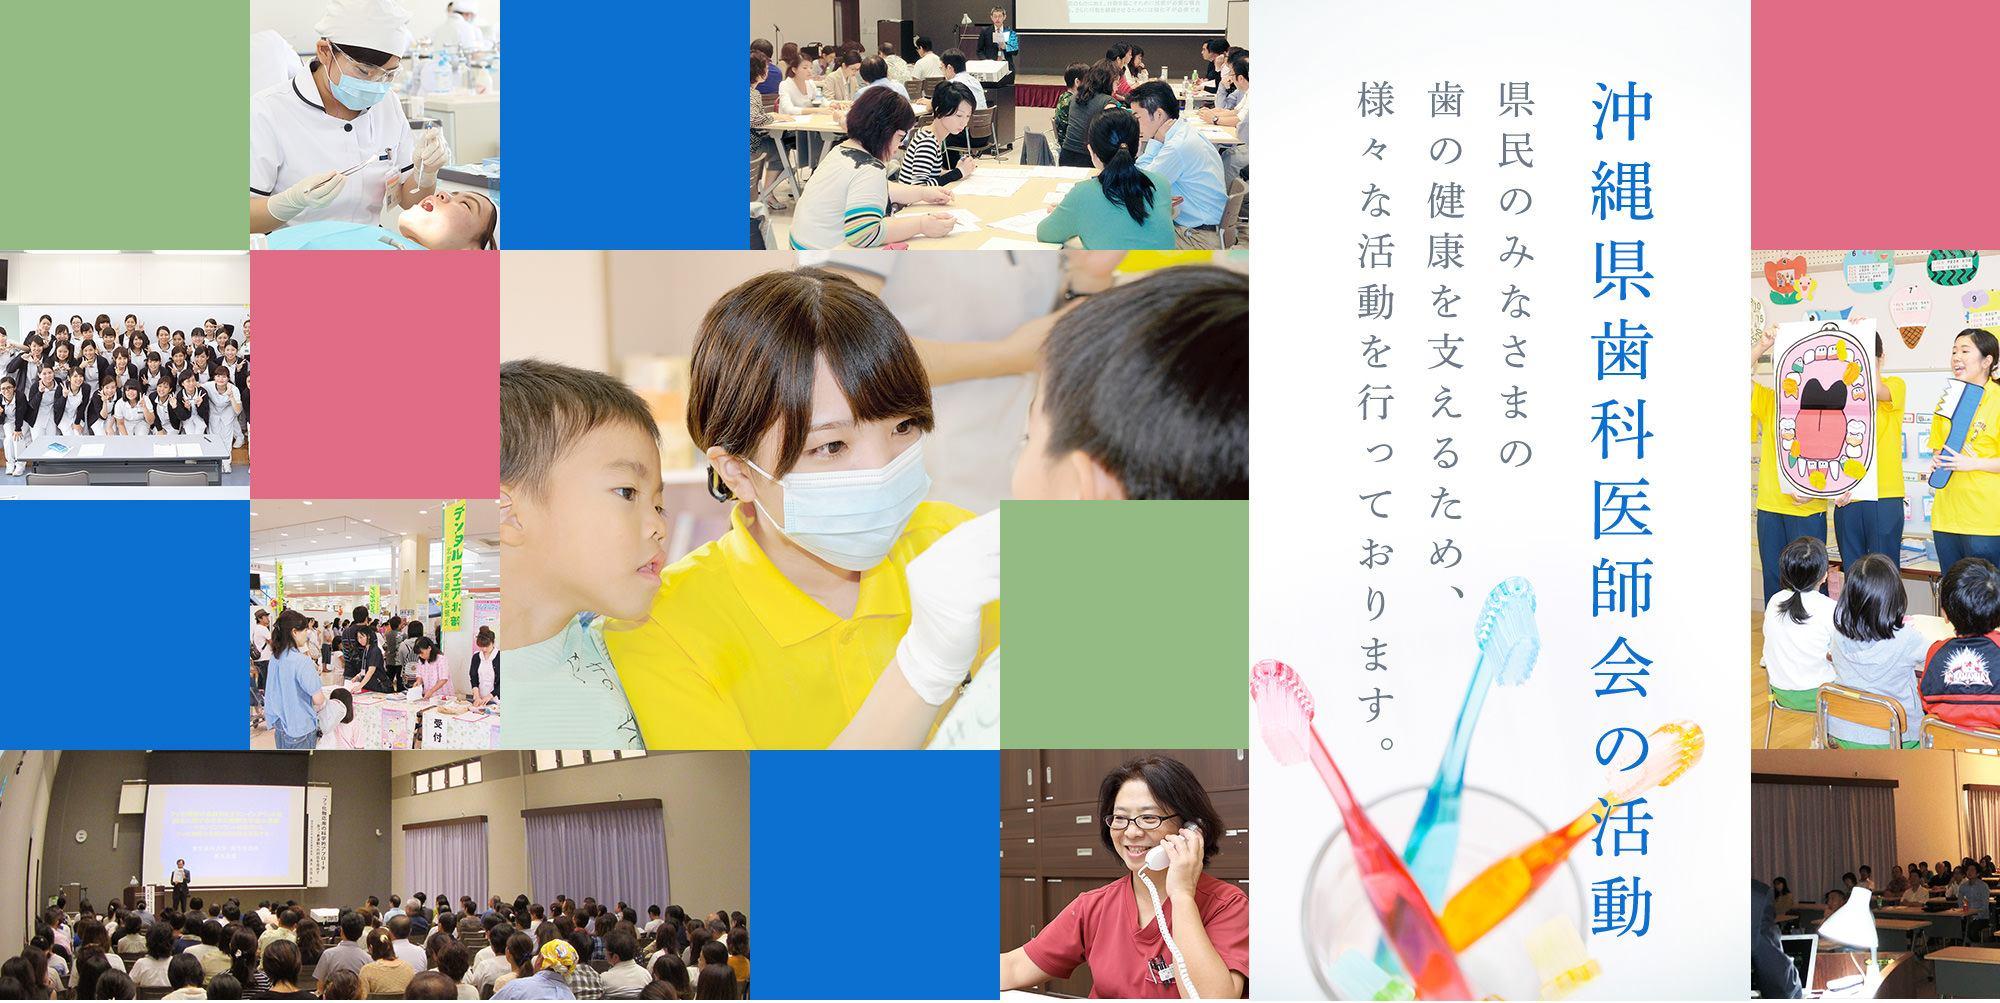 沖縄県歯科医師会の活動 県民のみなさまの歯の健康を支えるため、様々な活動を行っております